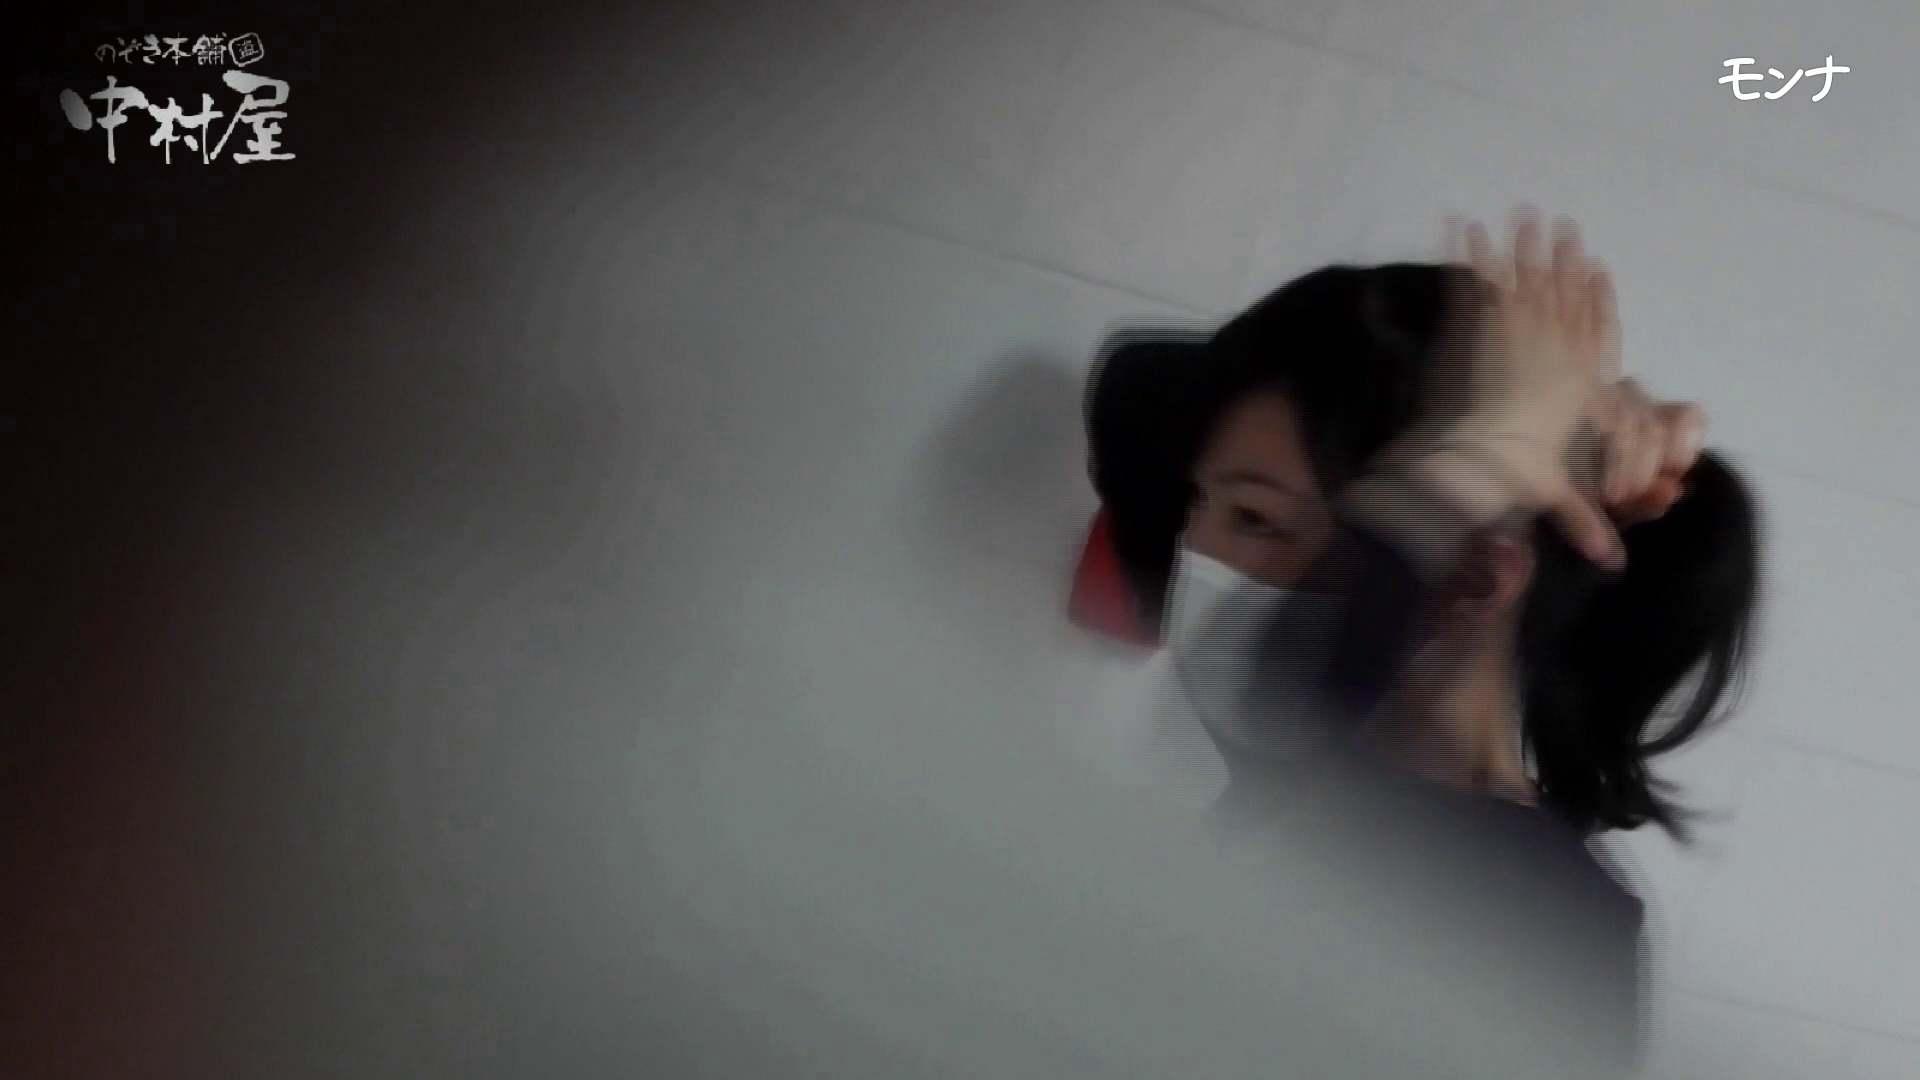 美しい日本の未来 No.47 冬Ver.進化 細い指でほじくりまくる!前編 エッチな盗撮 オマンコ動画キャプチャ 79pic 23